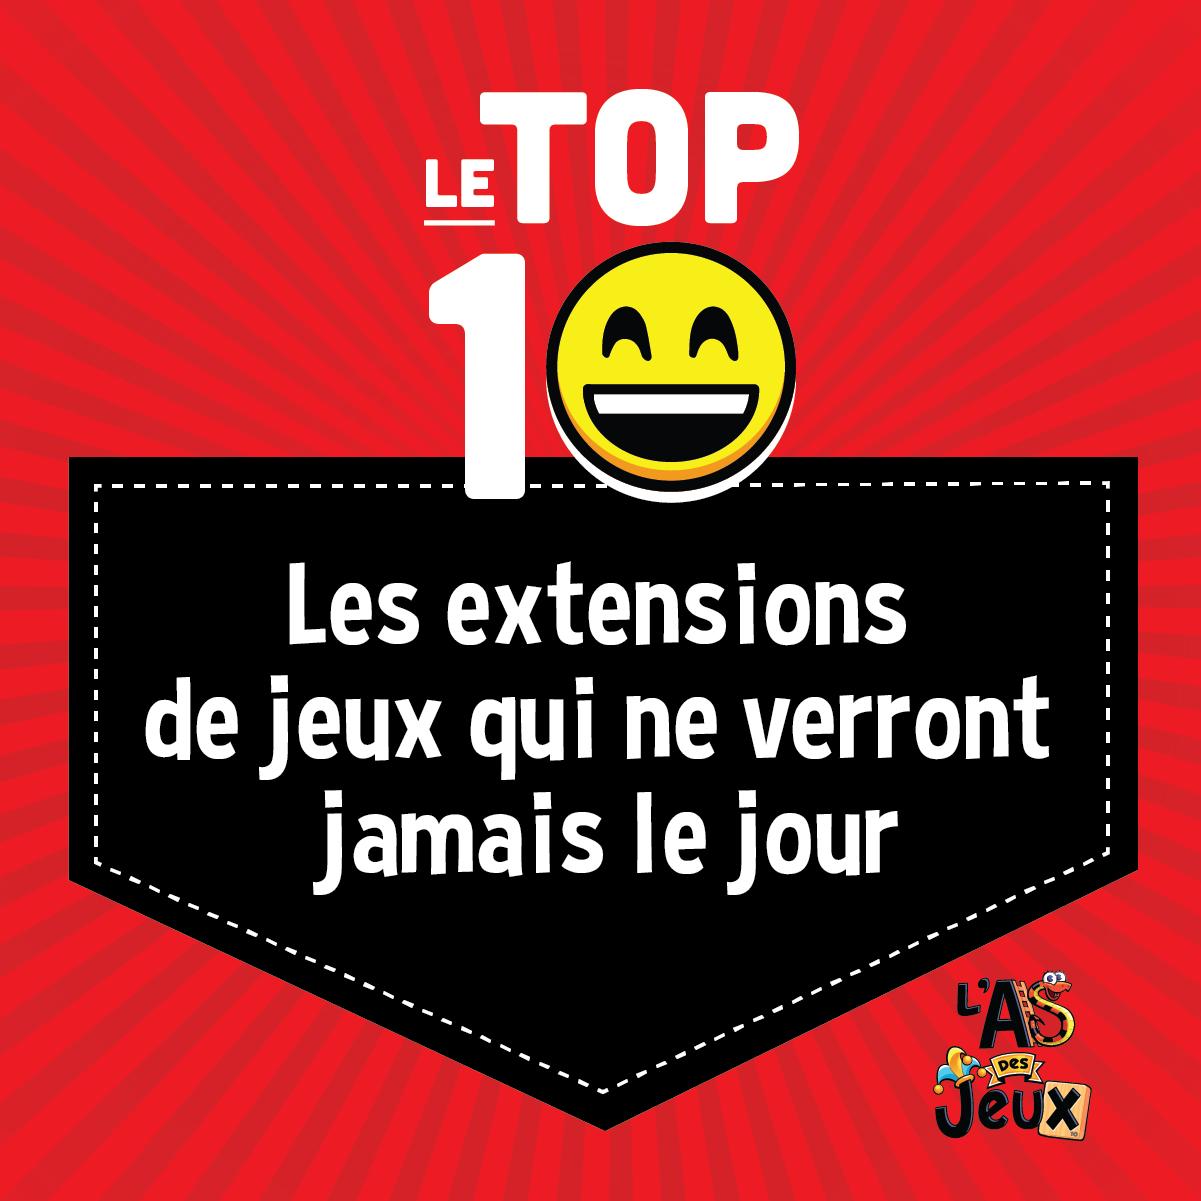 Top 10: Les extensions de jeux qui ne verront jamais le jour